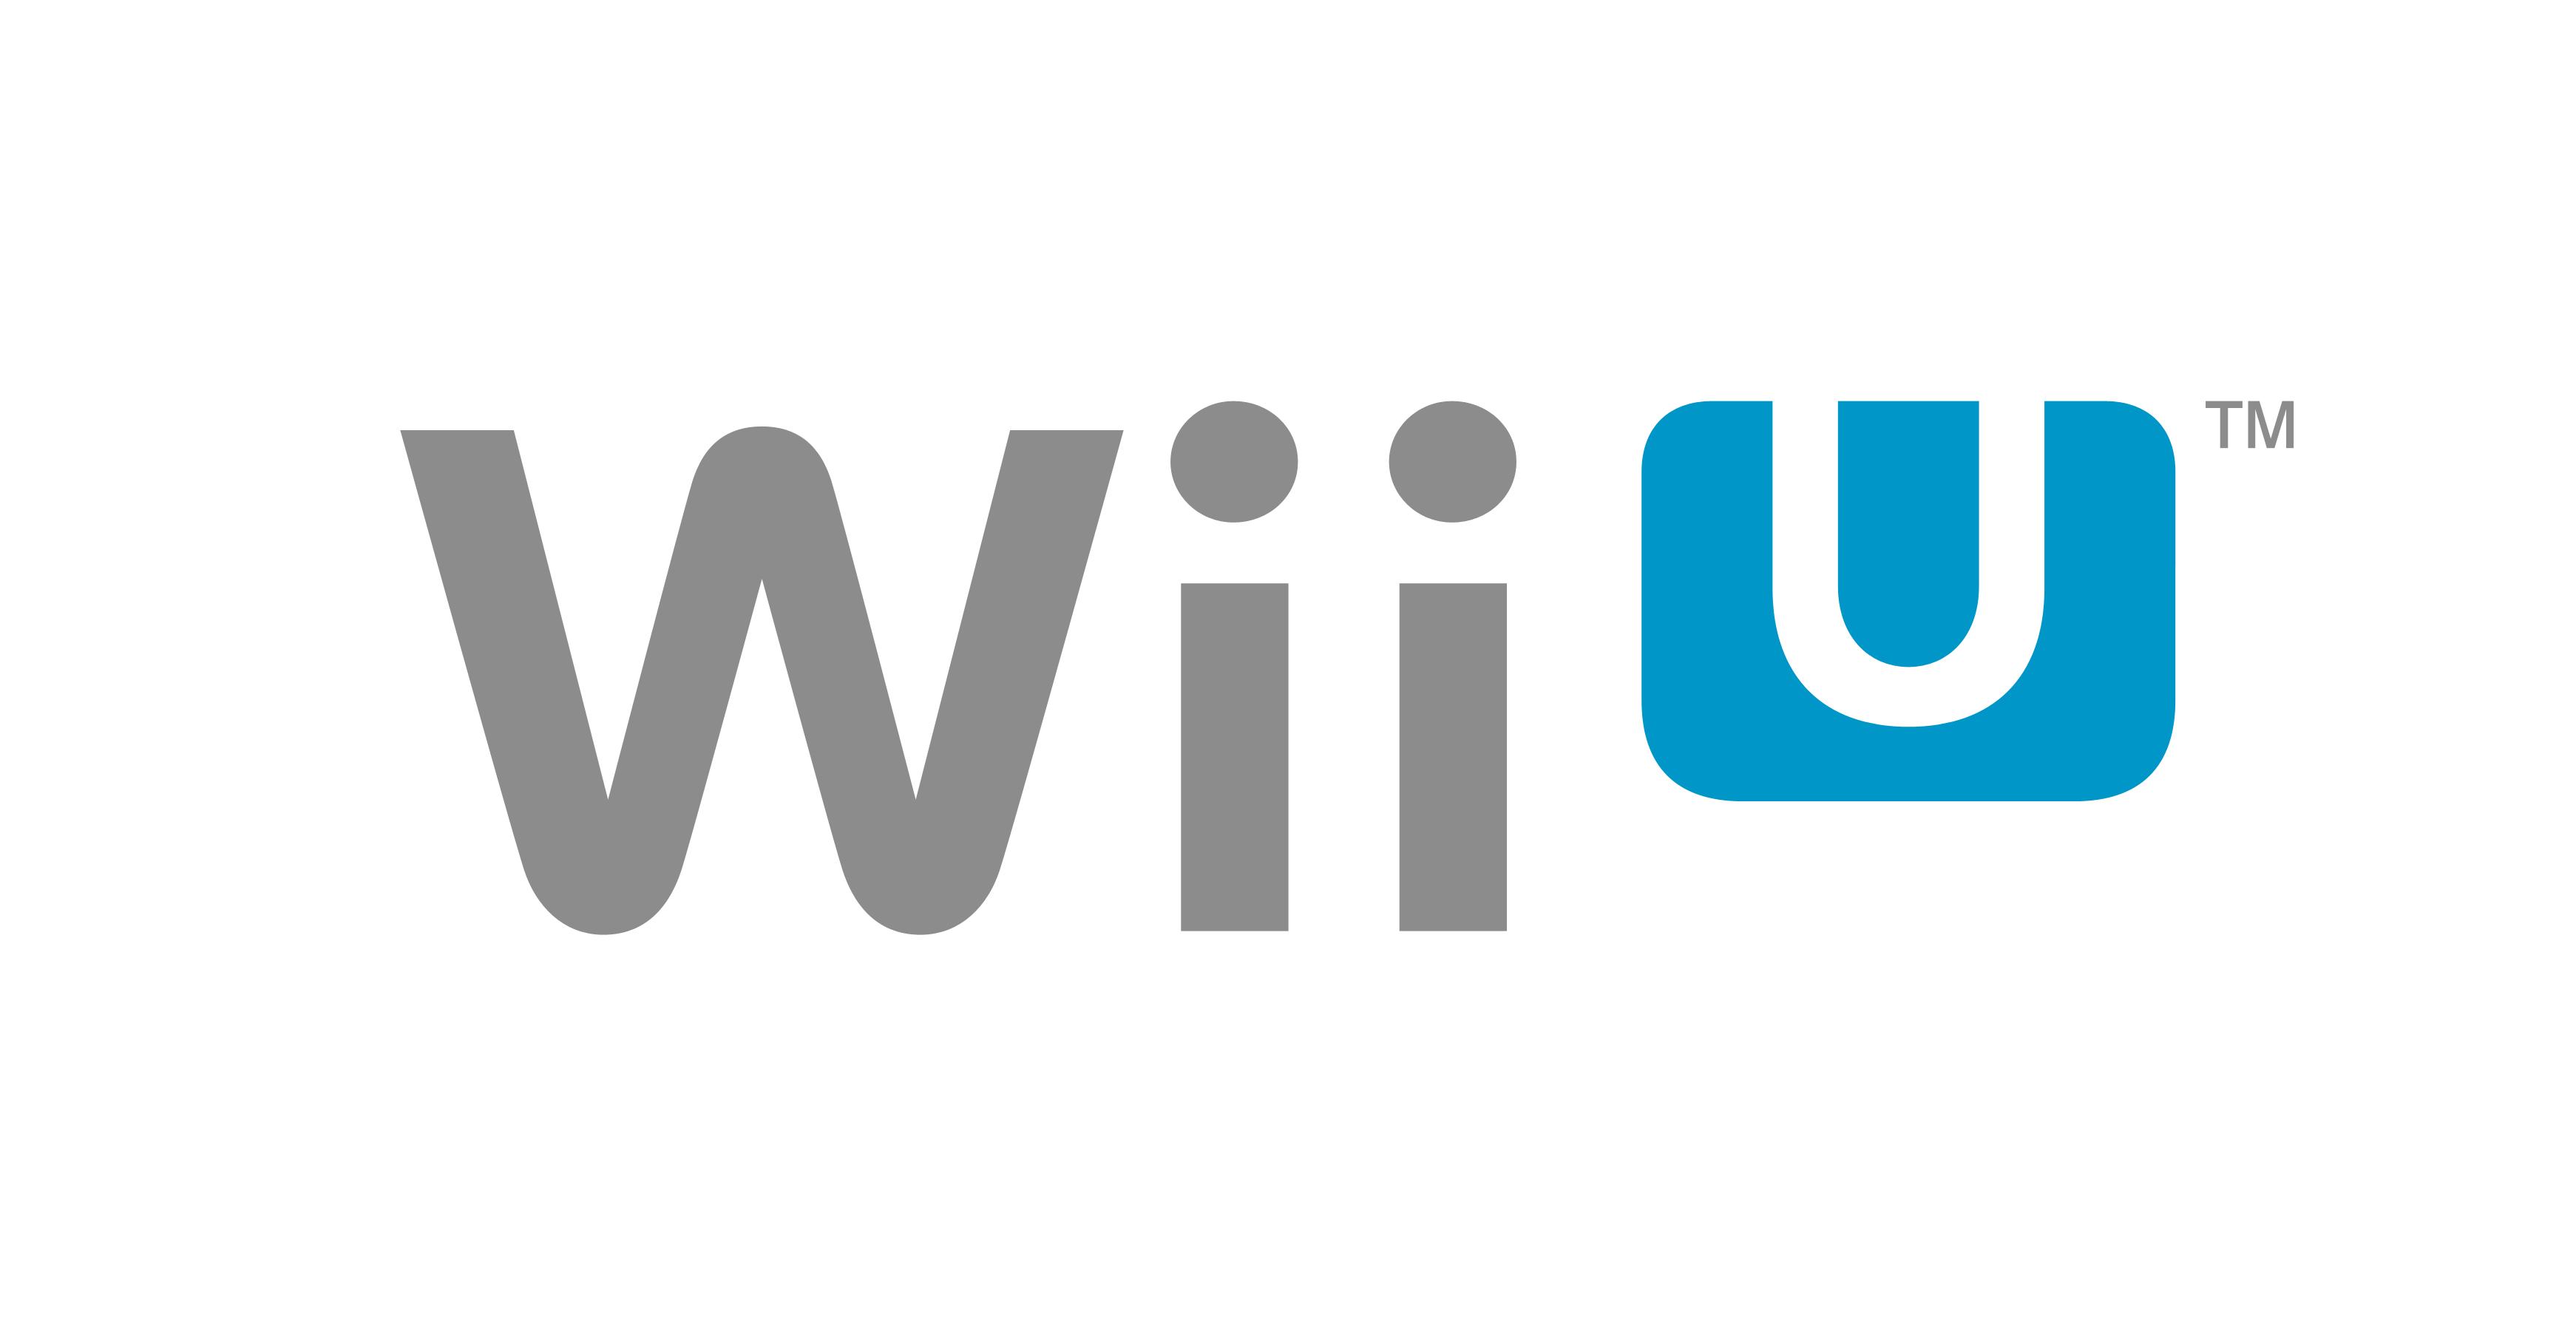 WiiUlogo.png